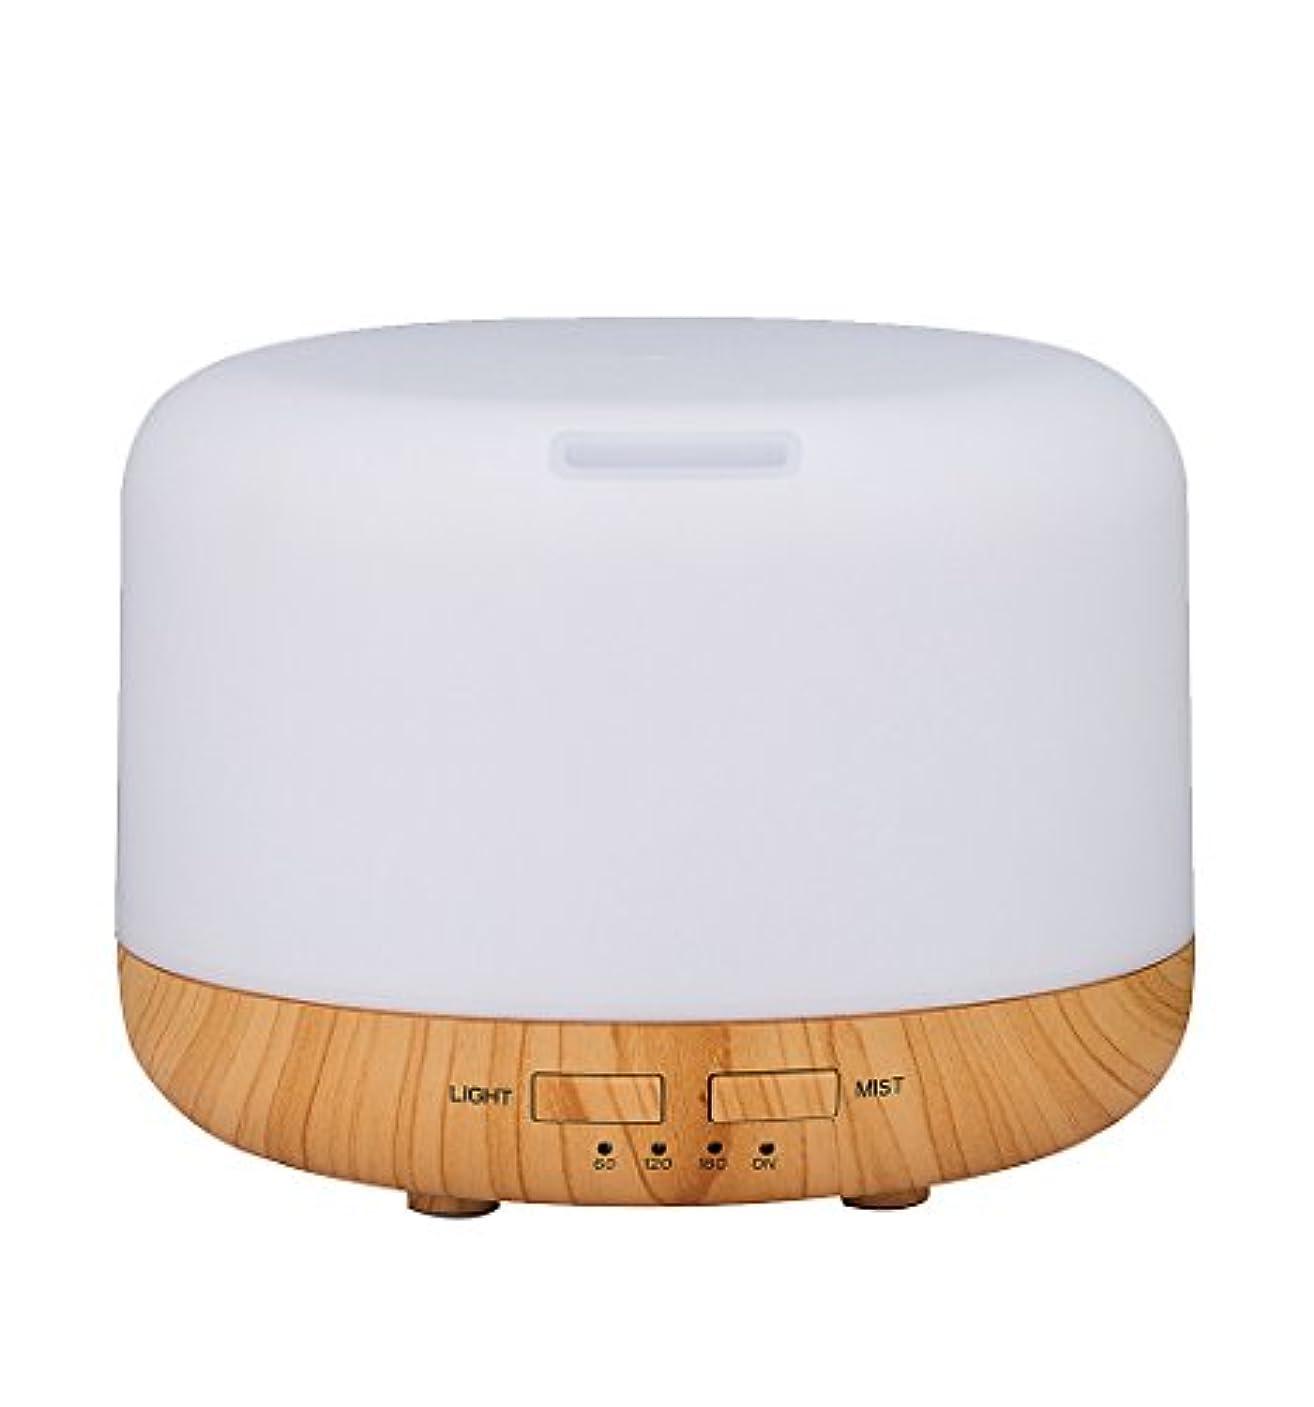 金貸しスラック発掘Simple Life アロマディフューザー 超音波式 加湿器 400ml 7色変換LED搭載 木目調 アロマライト (ホワイト)